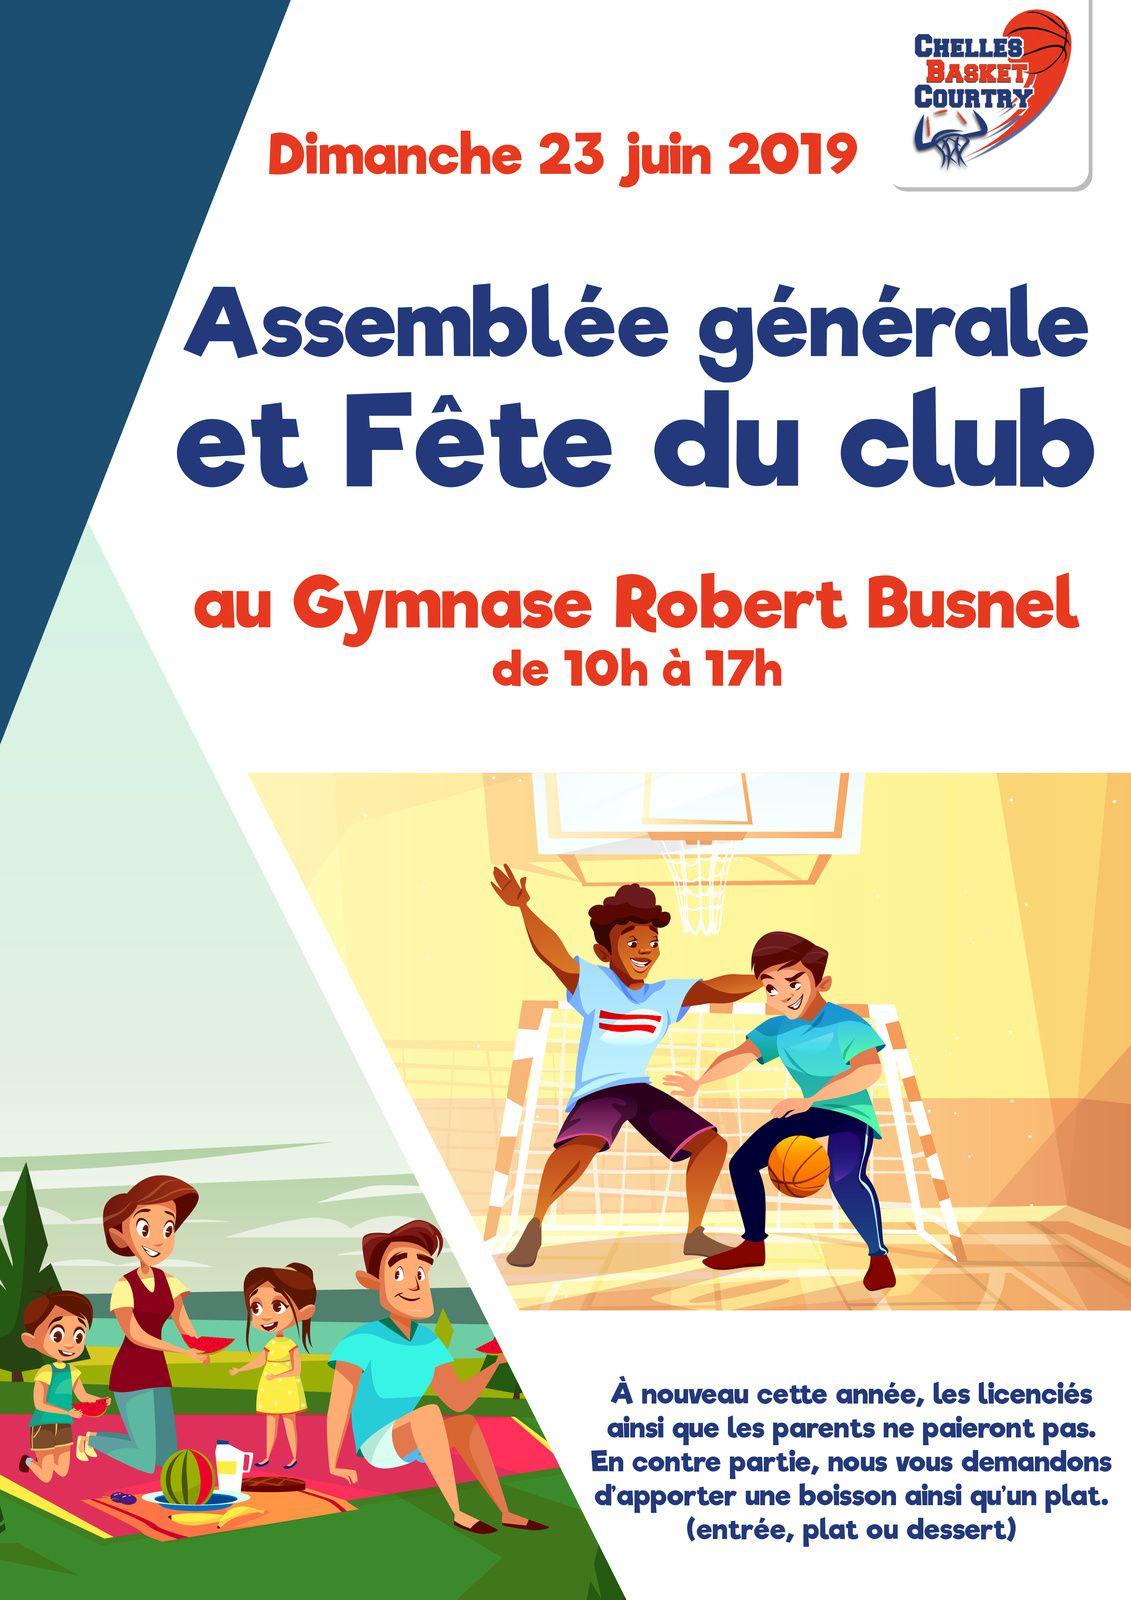 Dimanche 23 juin 2019 : Assemblée Générale et Fête du Club